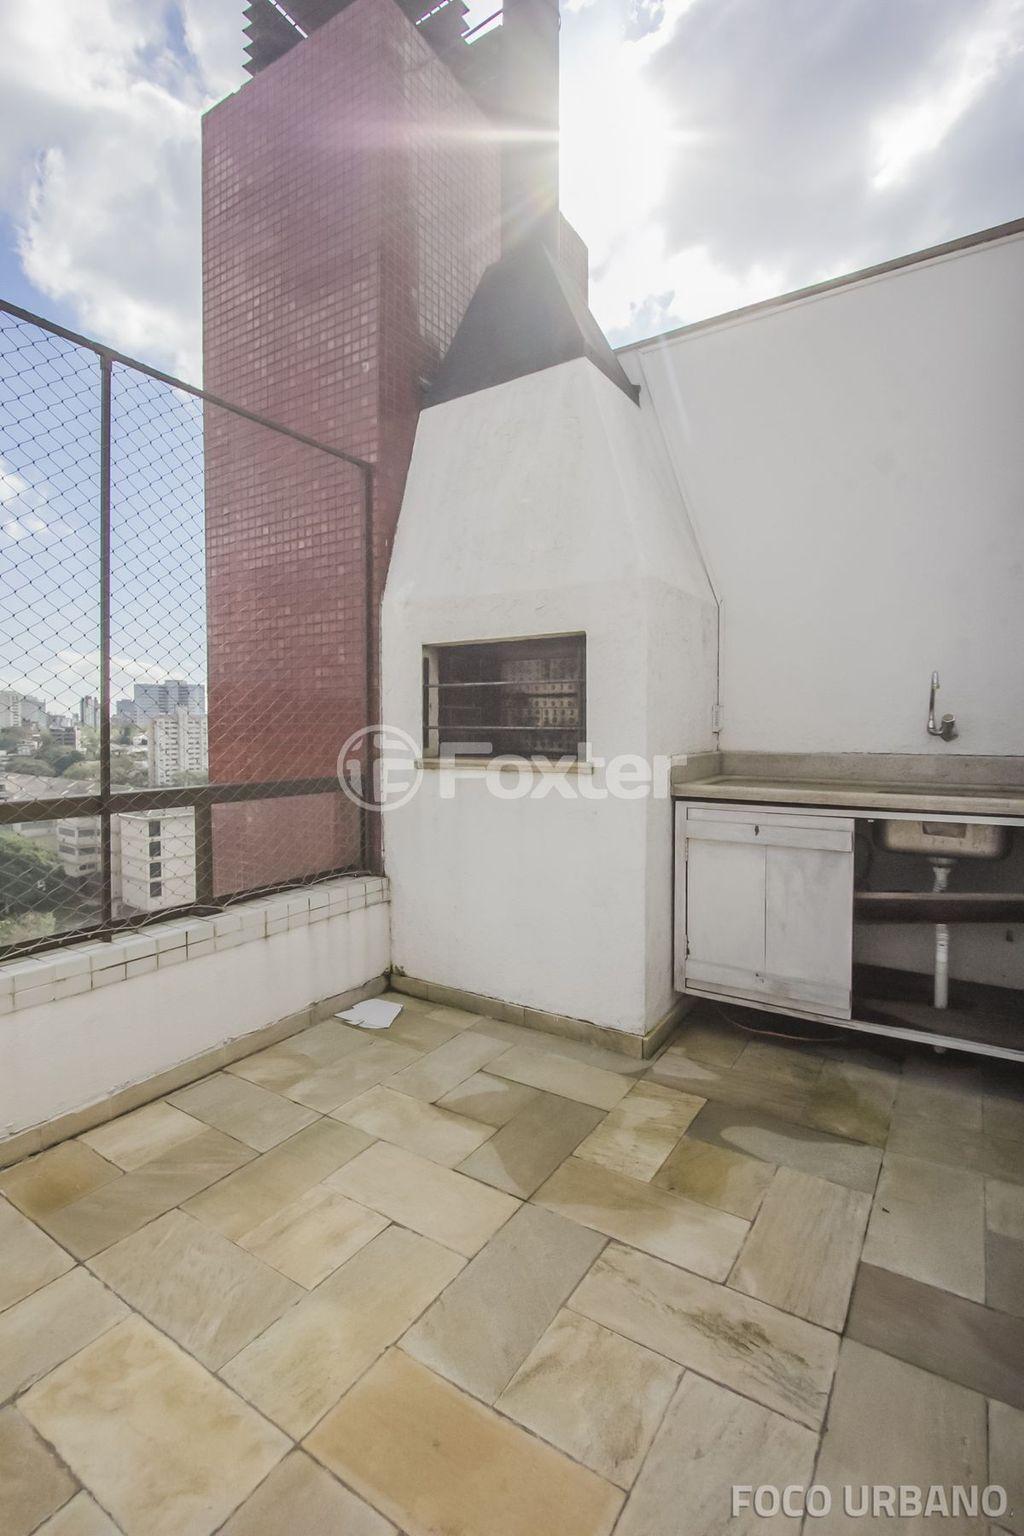 Foxter Imobiliária - Cobertura 3 Dorm (137146) - Foto 35